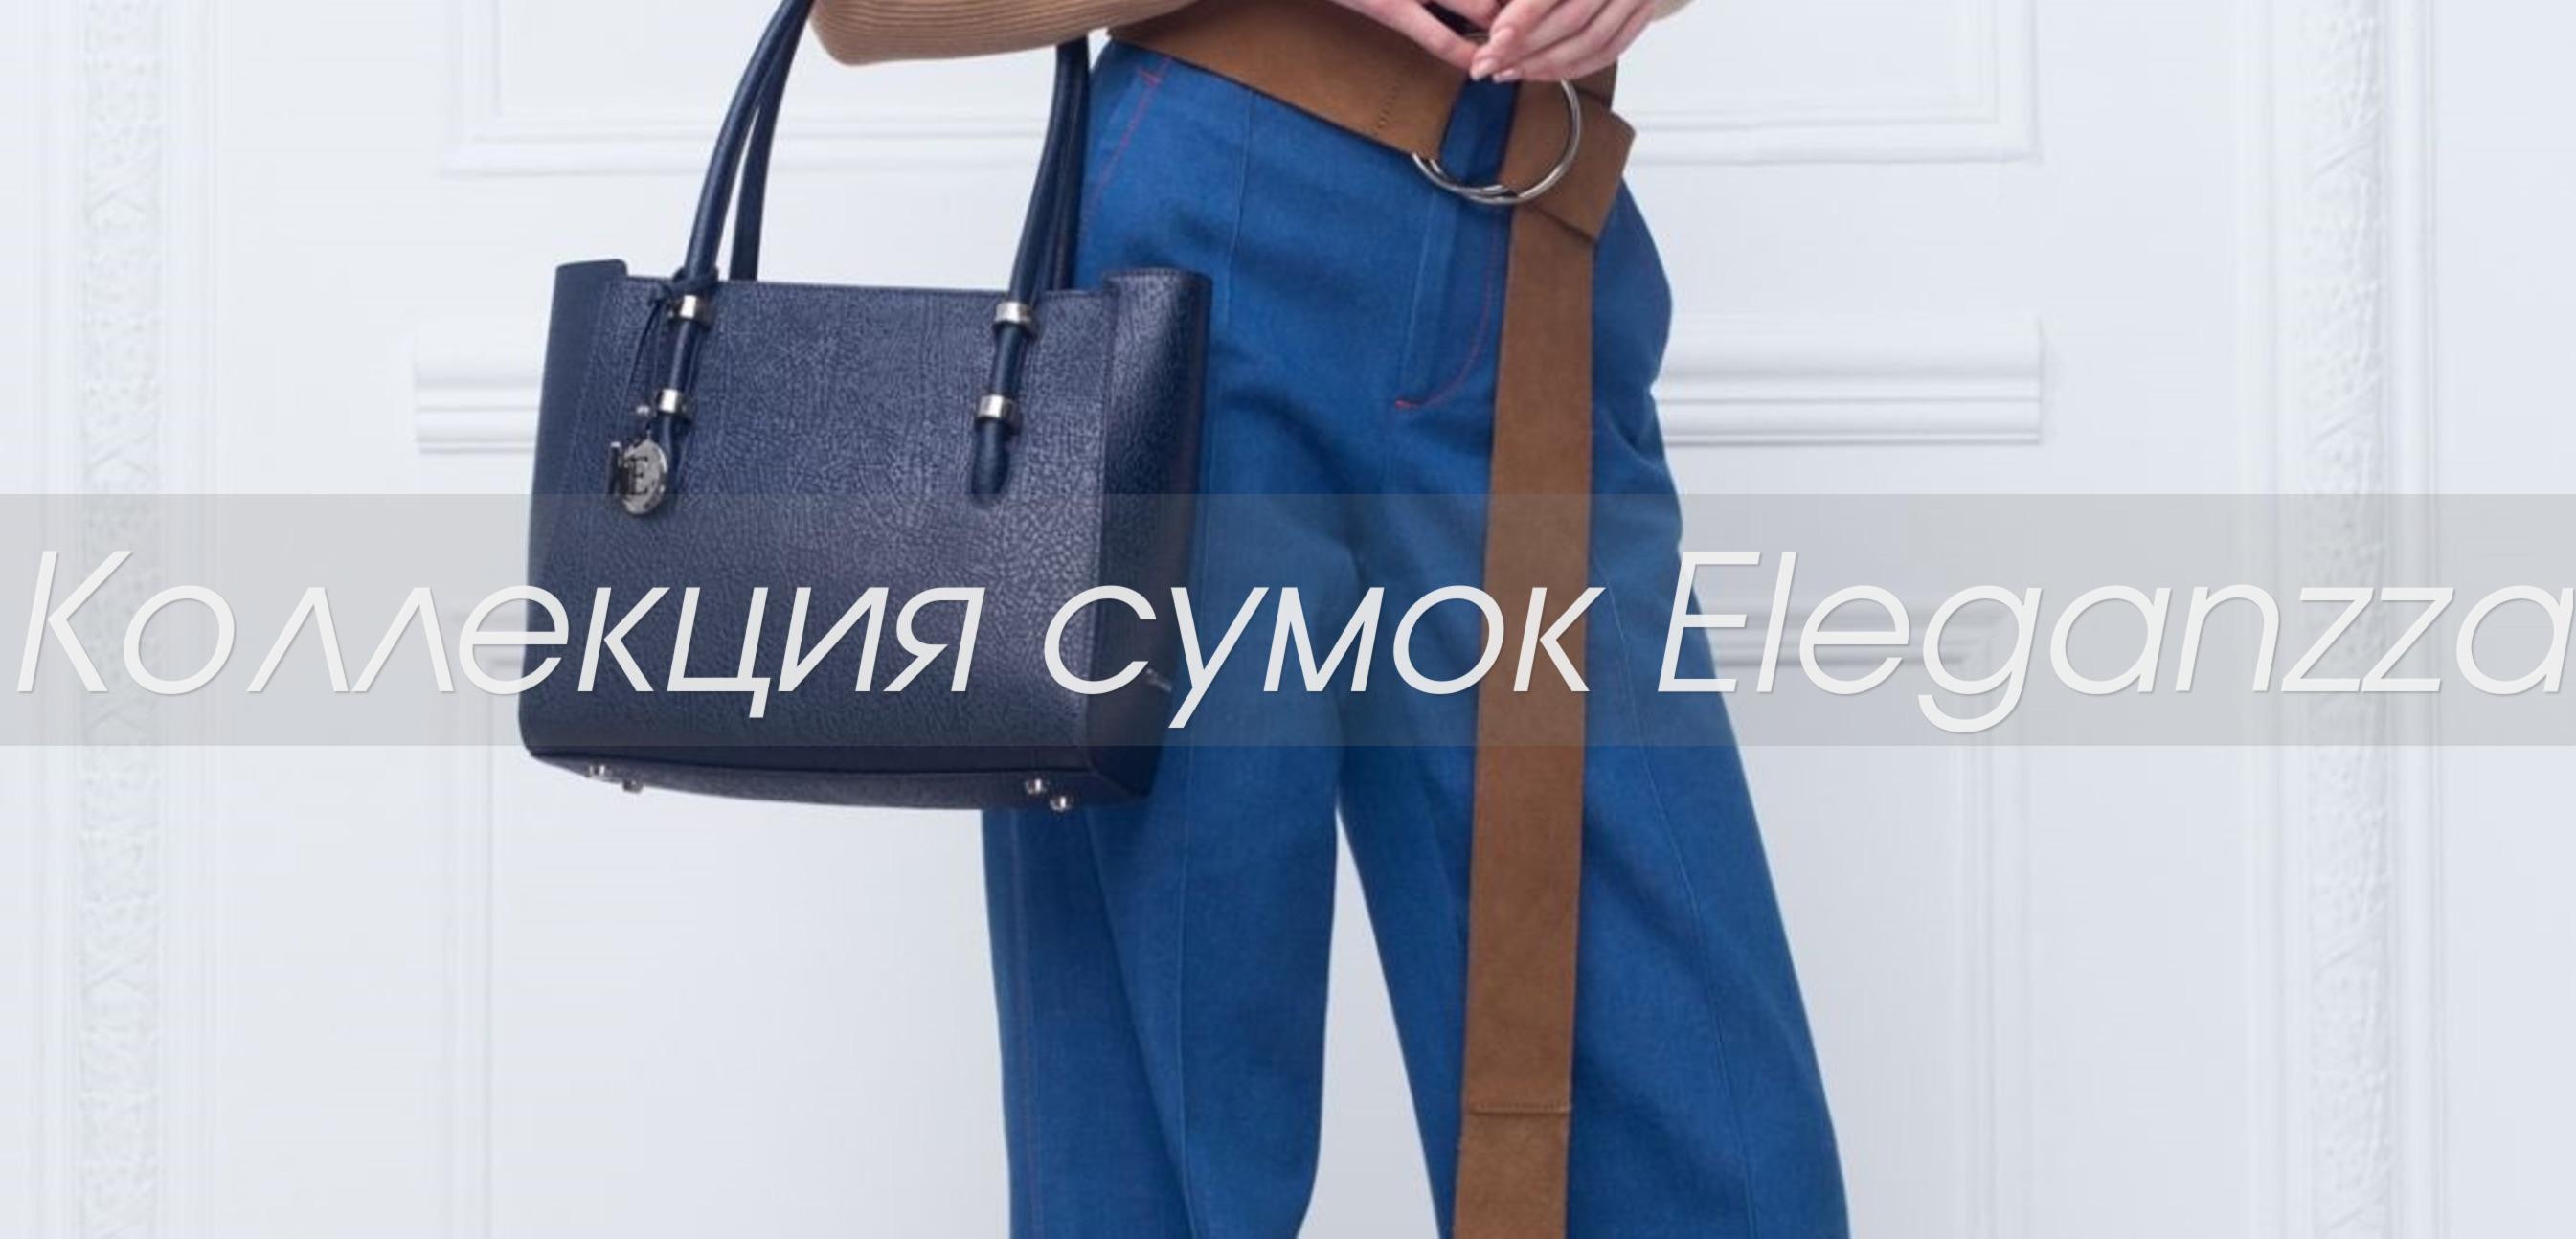 Коллекция сумок Eleganzza